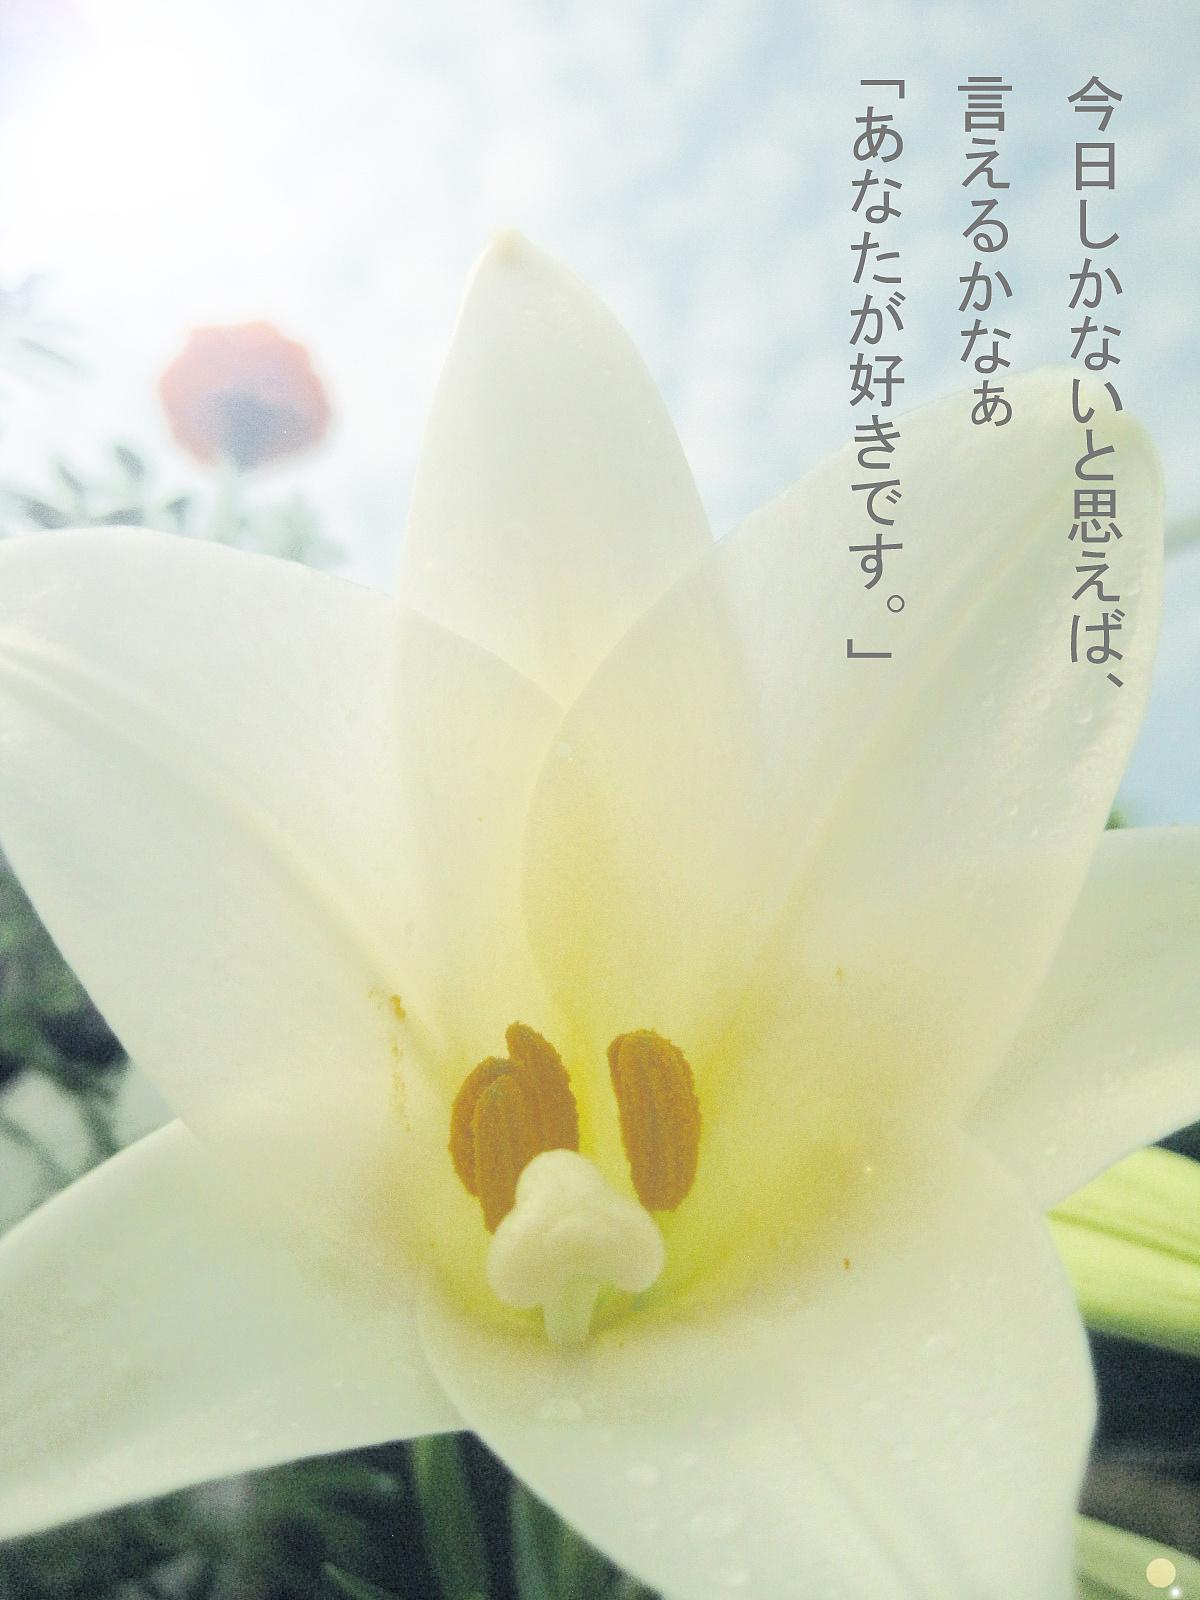 百合花 摄影